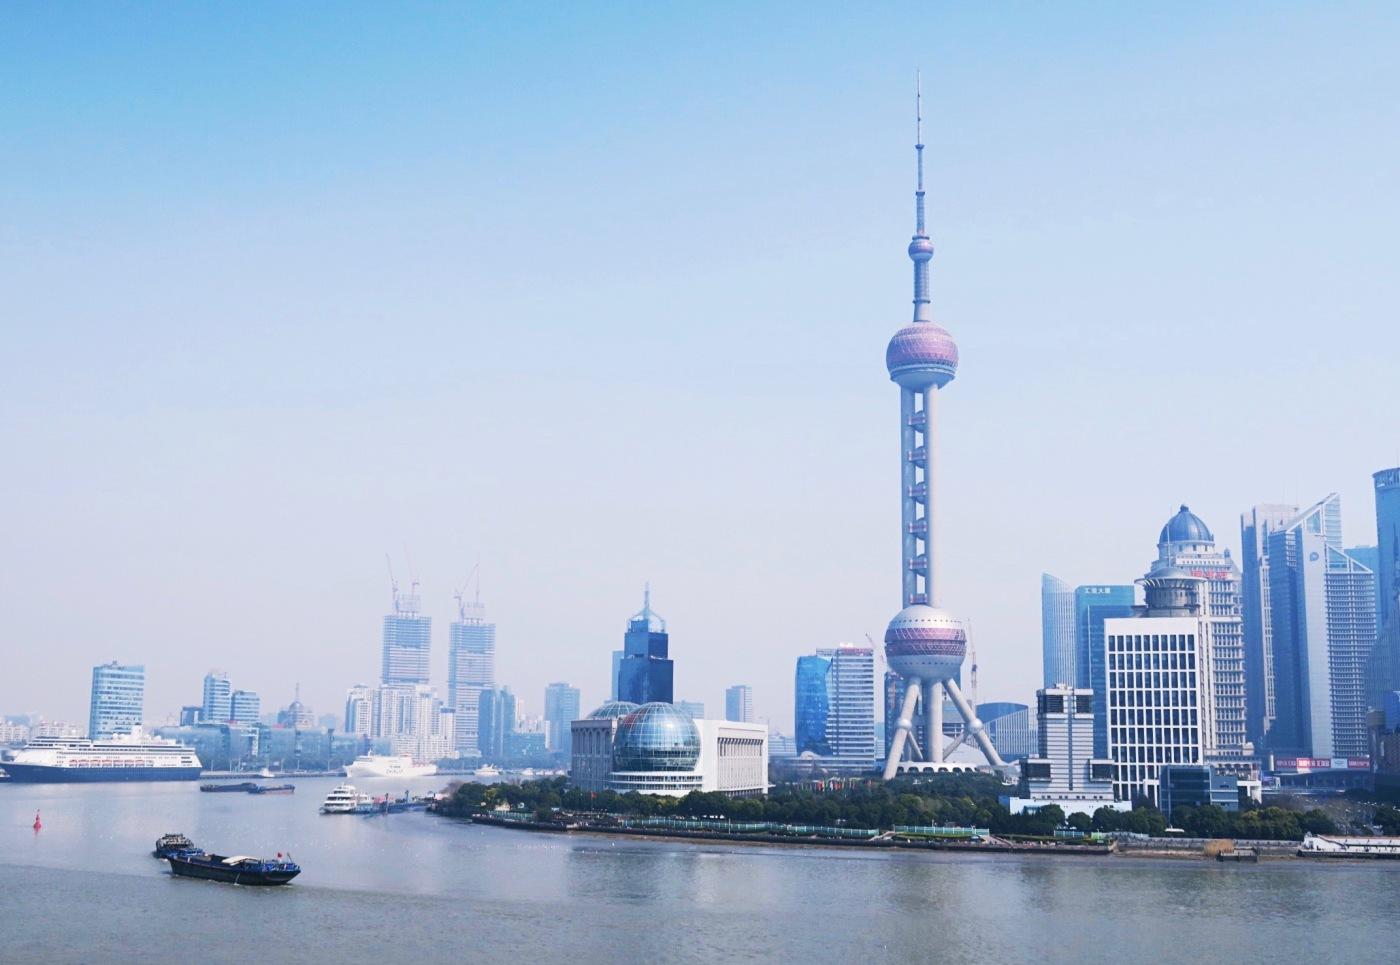 Shanghaista Photography Landscape Shanghai